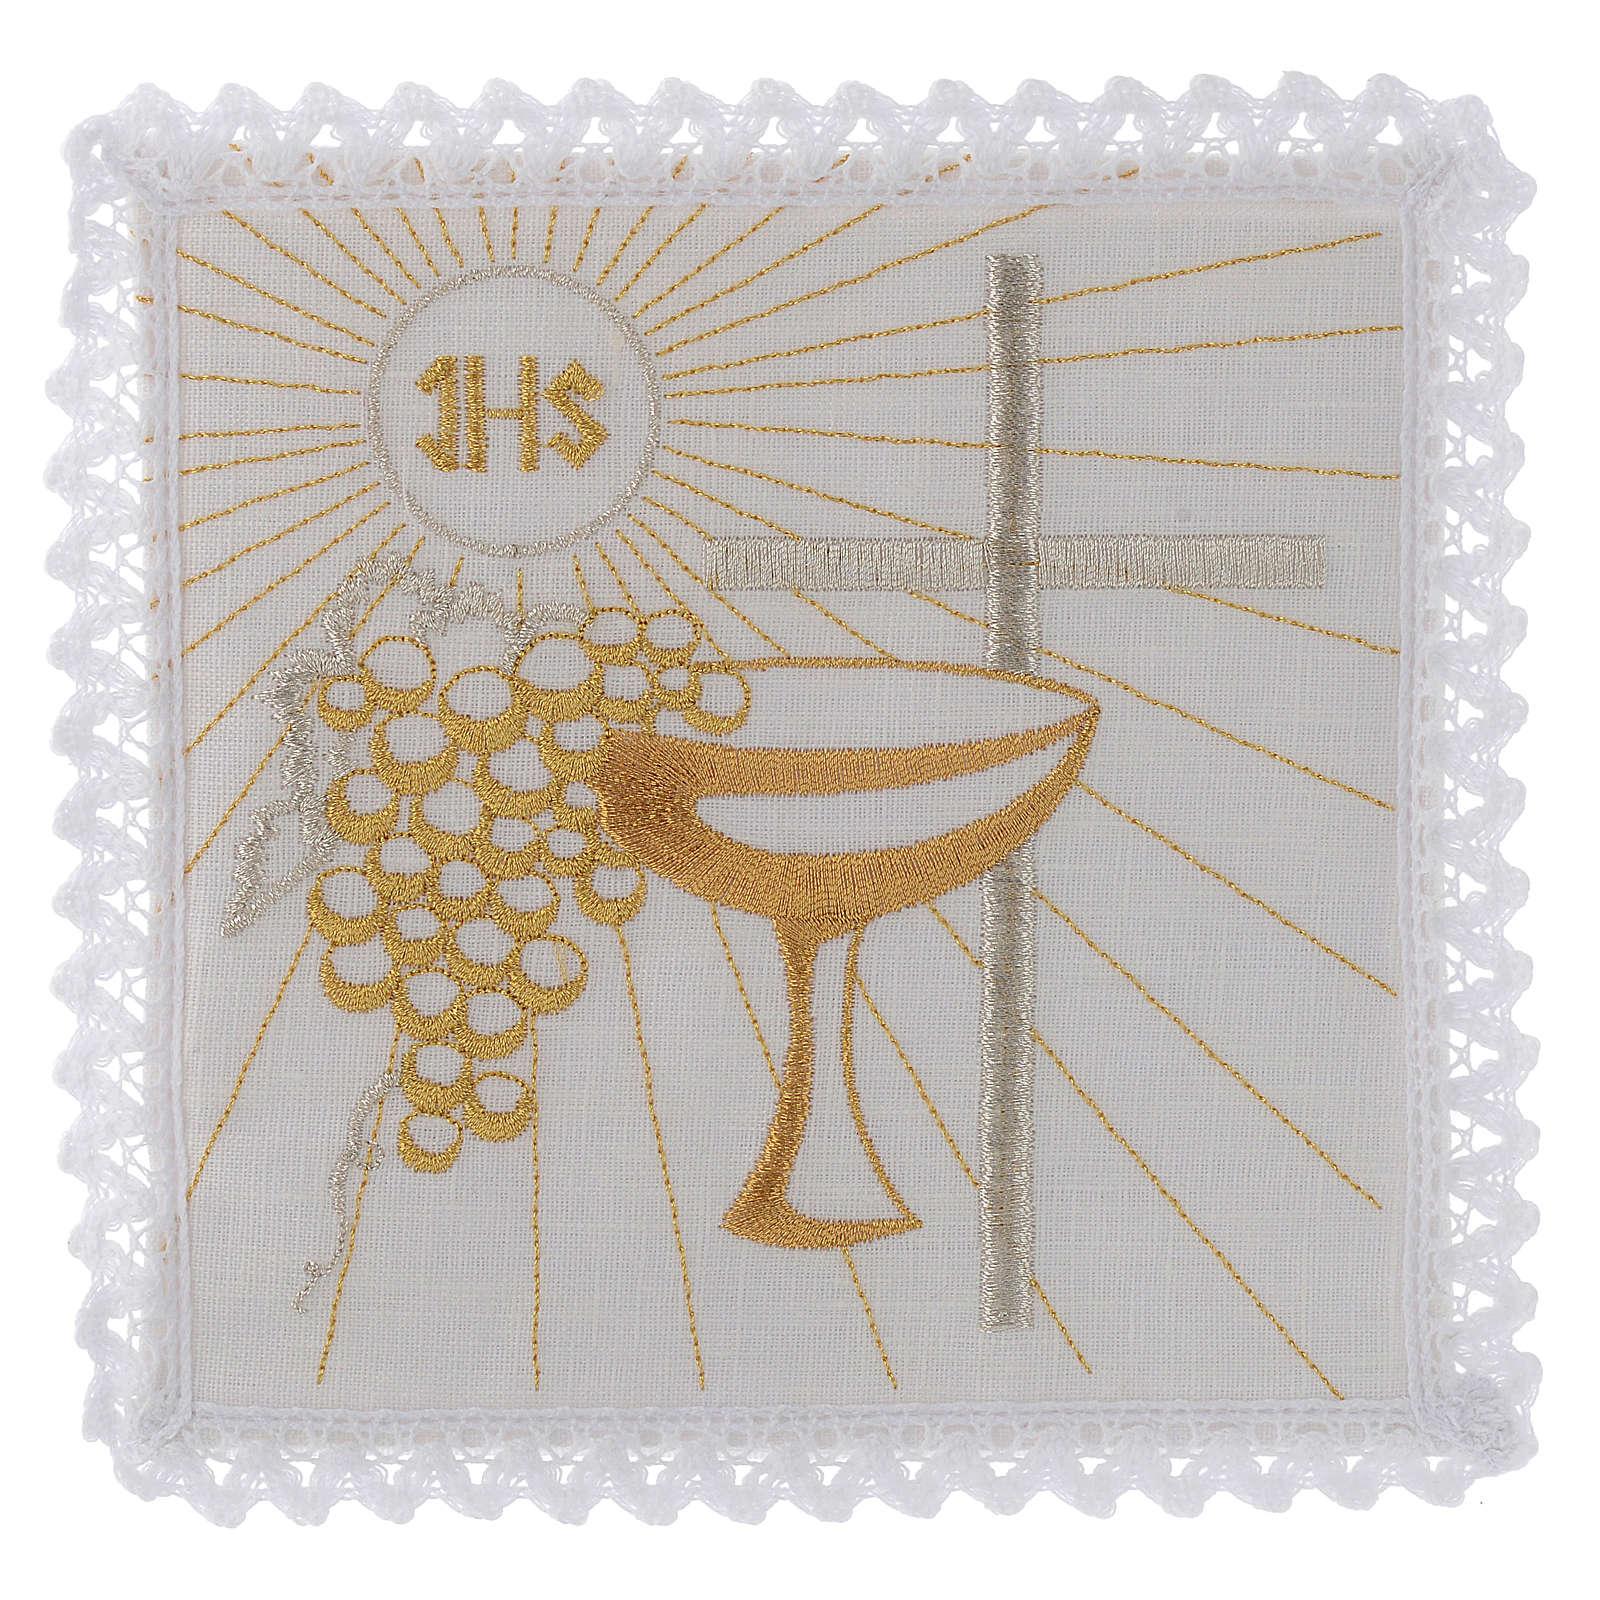 Servizio da altare lino calice uva dorati croce bianca 4